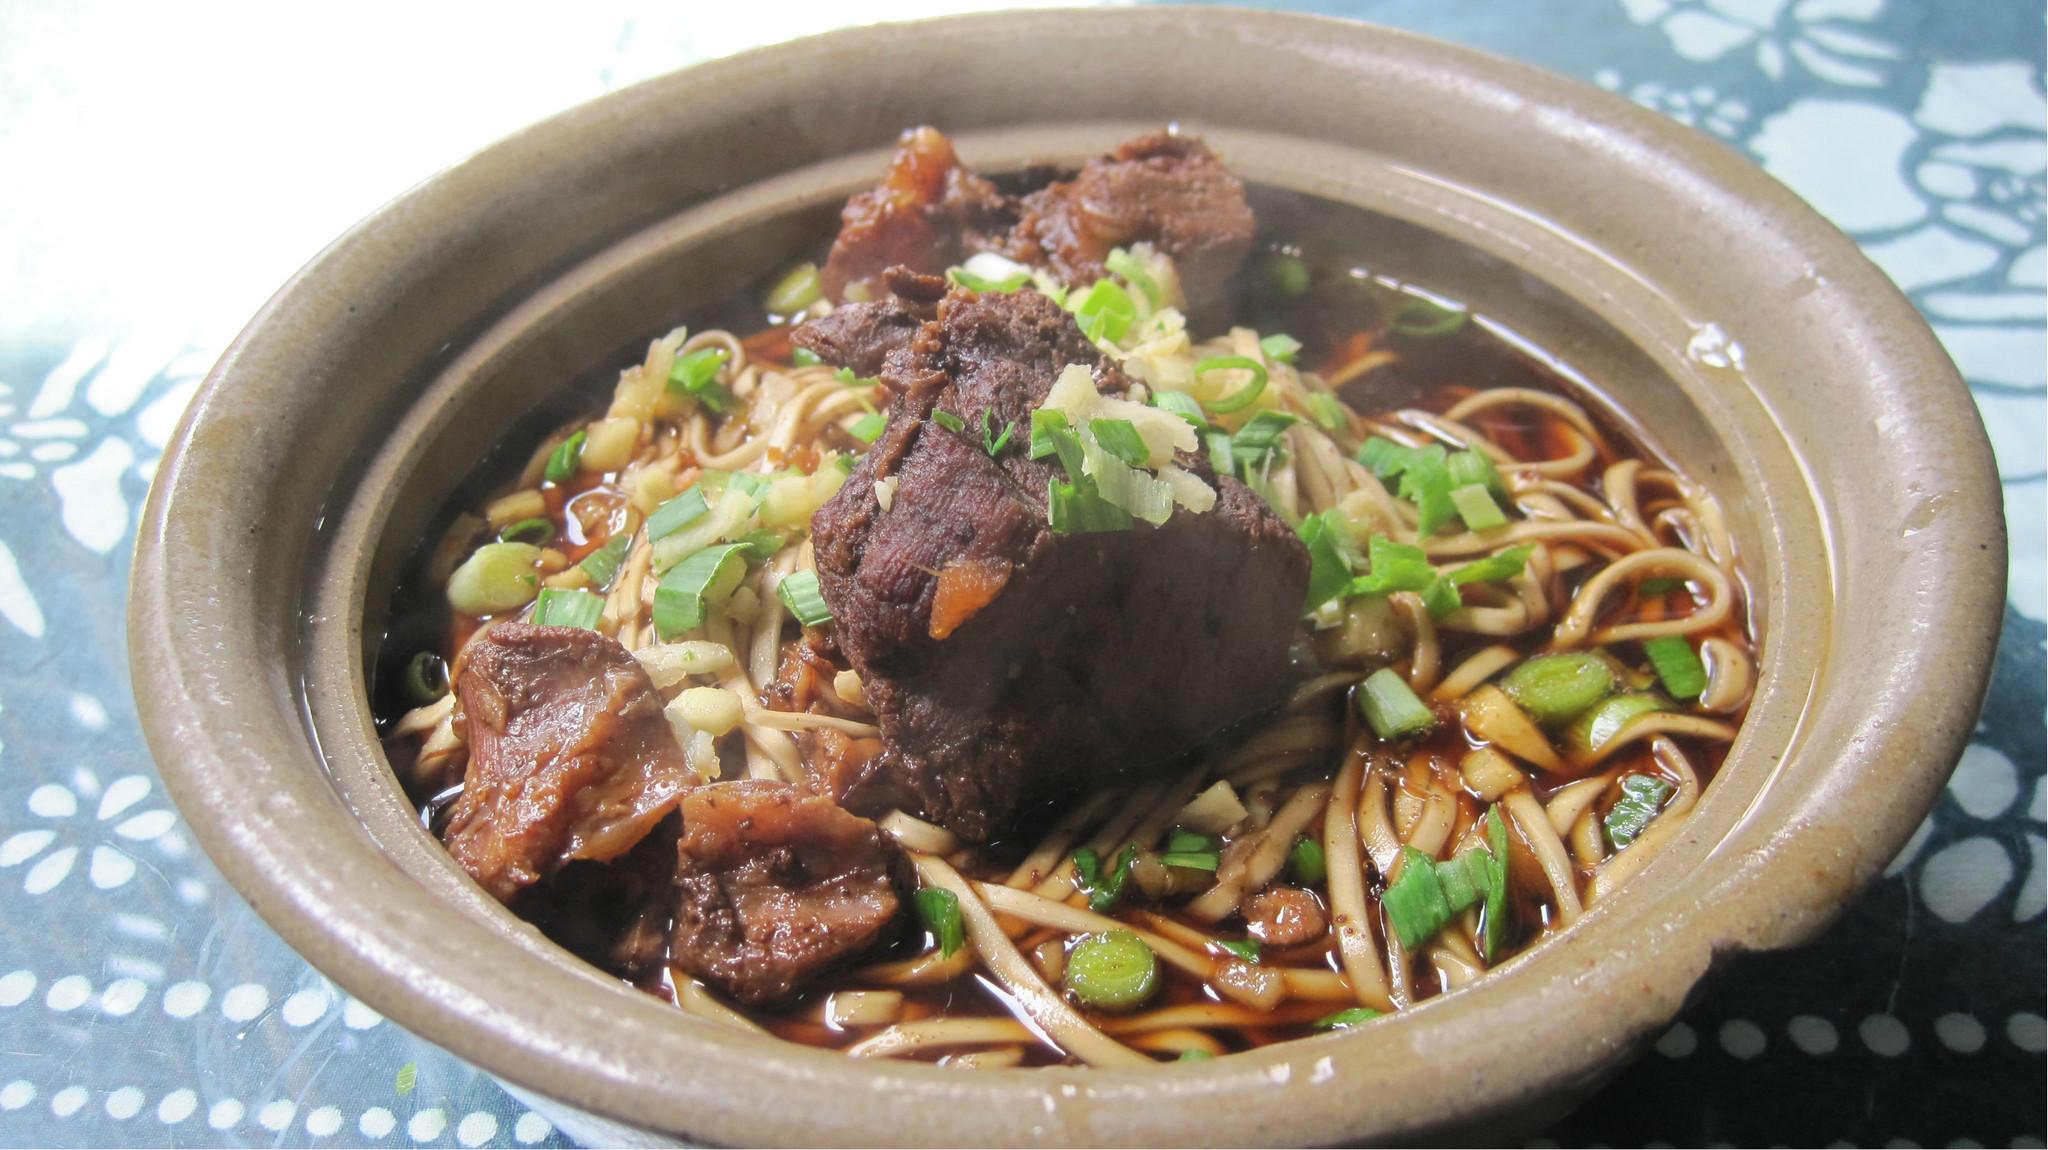 在乌镇偶然吃到的红烧羊肉面锡纸叉烧肉的做法锅图片